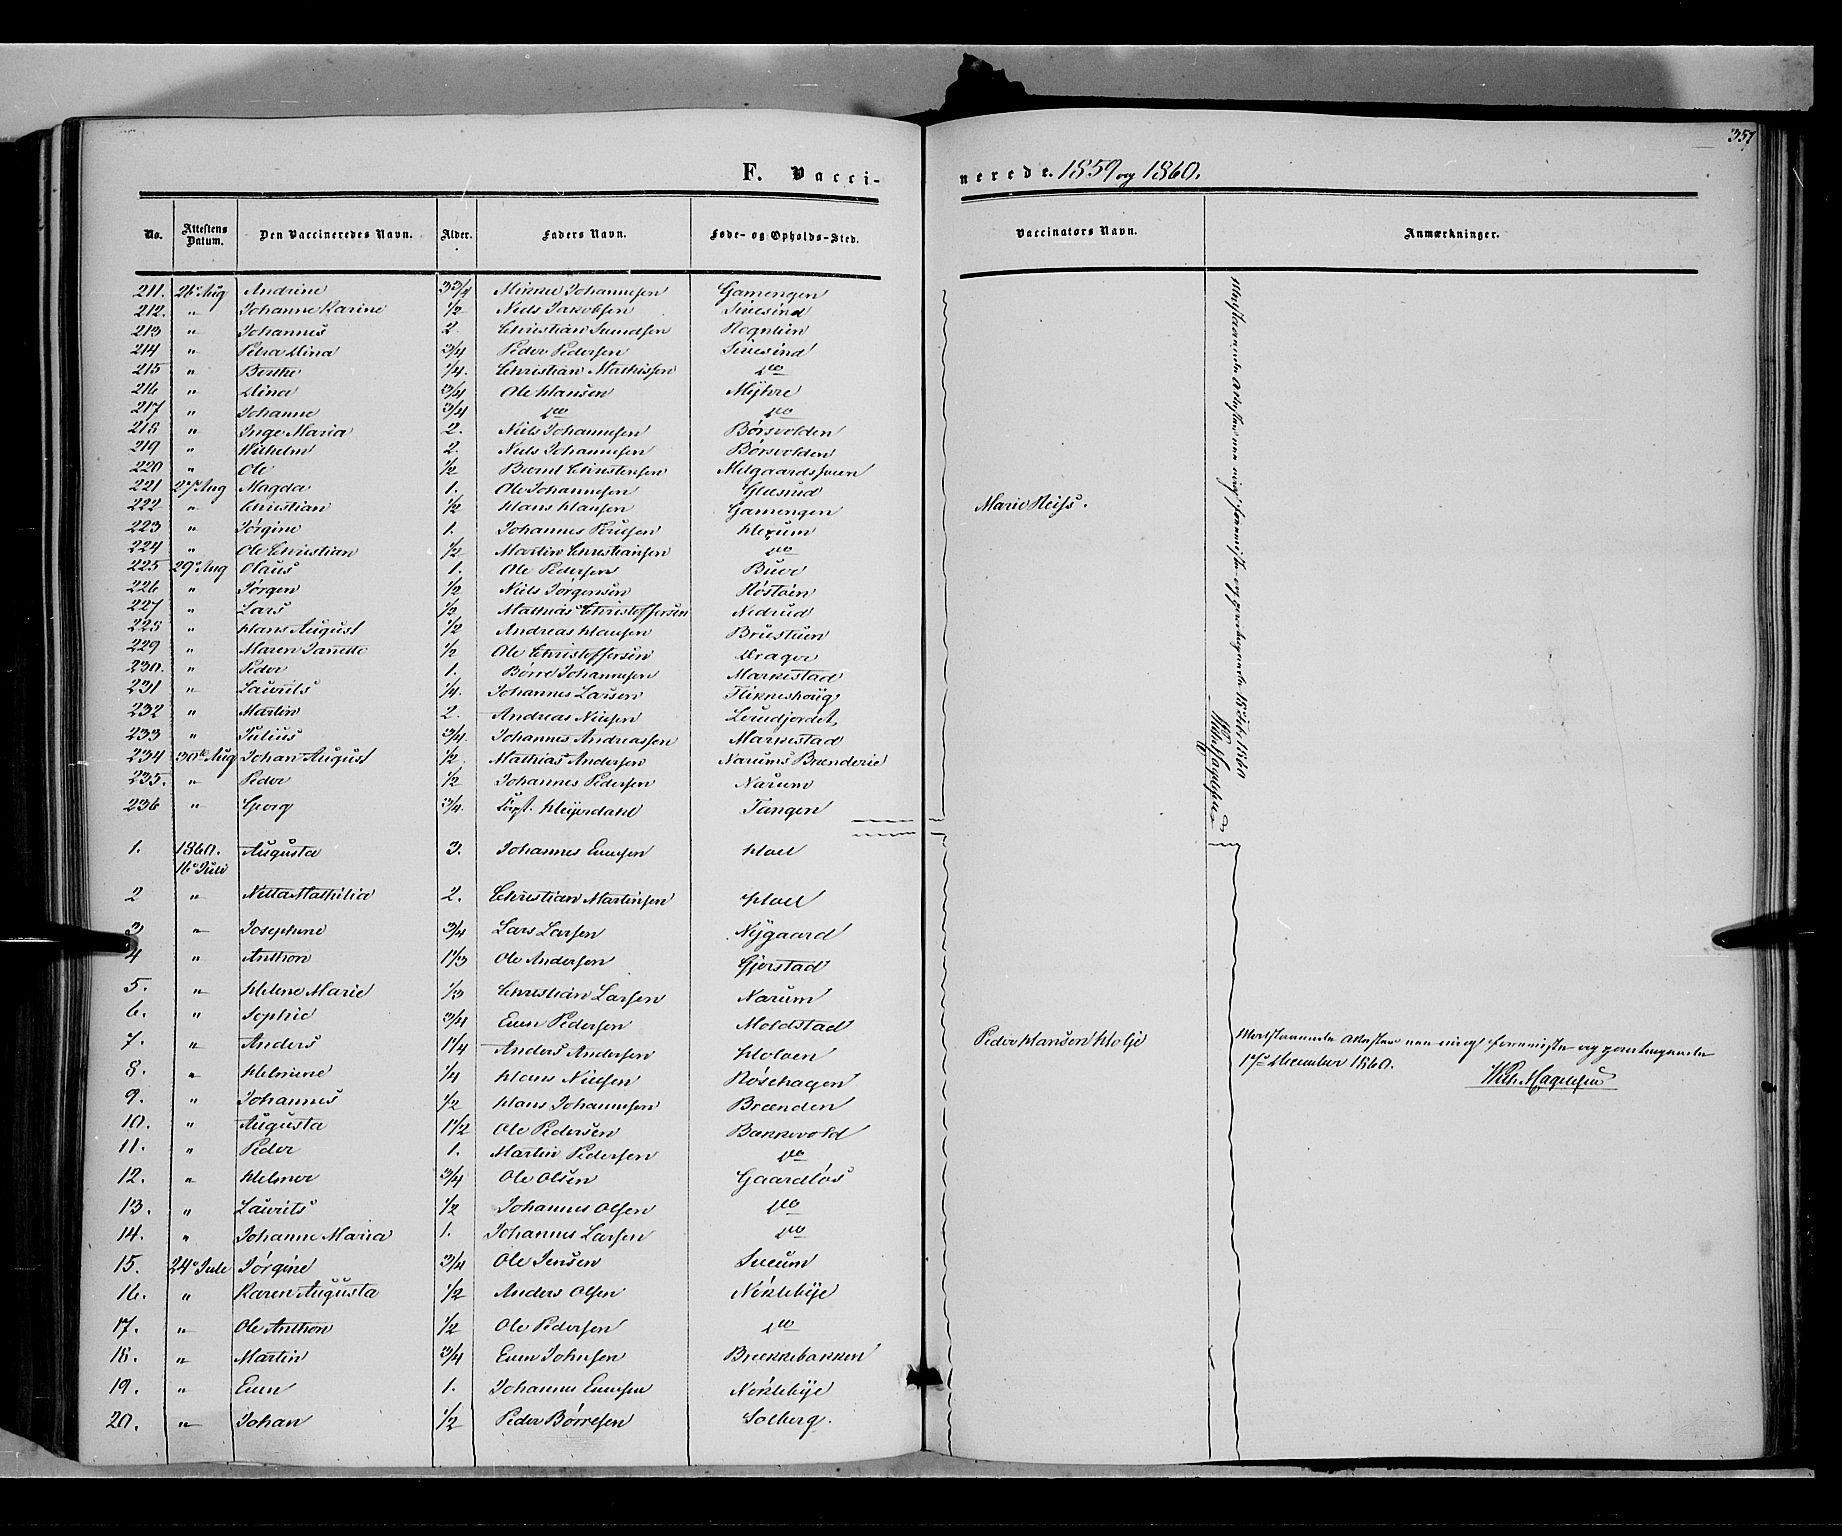 SAH, Vestre Toten prestekontor, Ministerialbok nr. 6, 1856-1861, s. 357